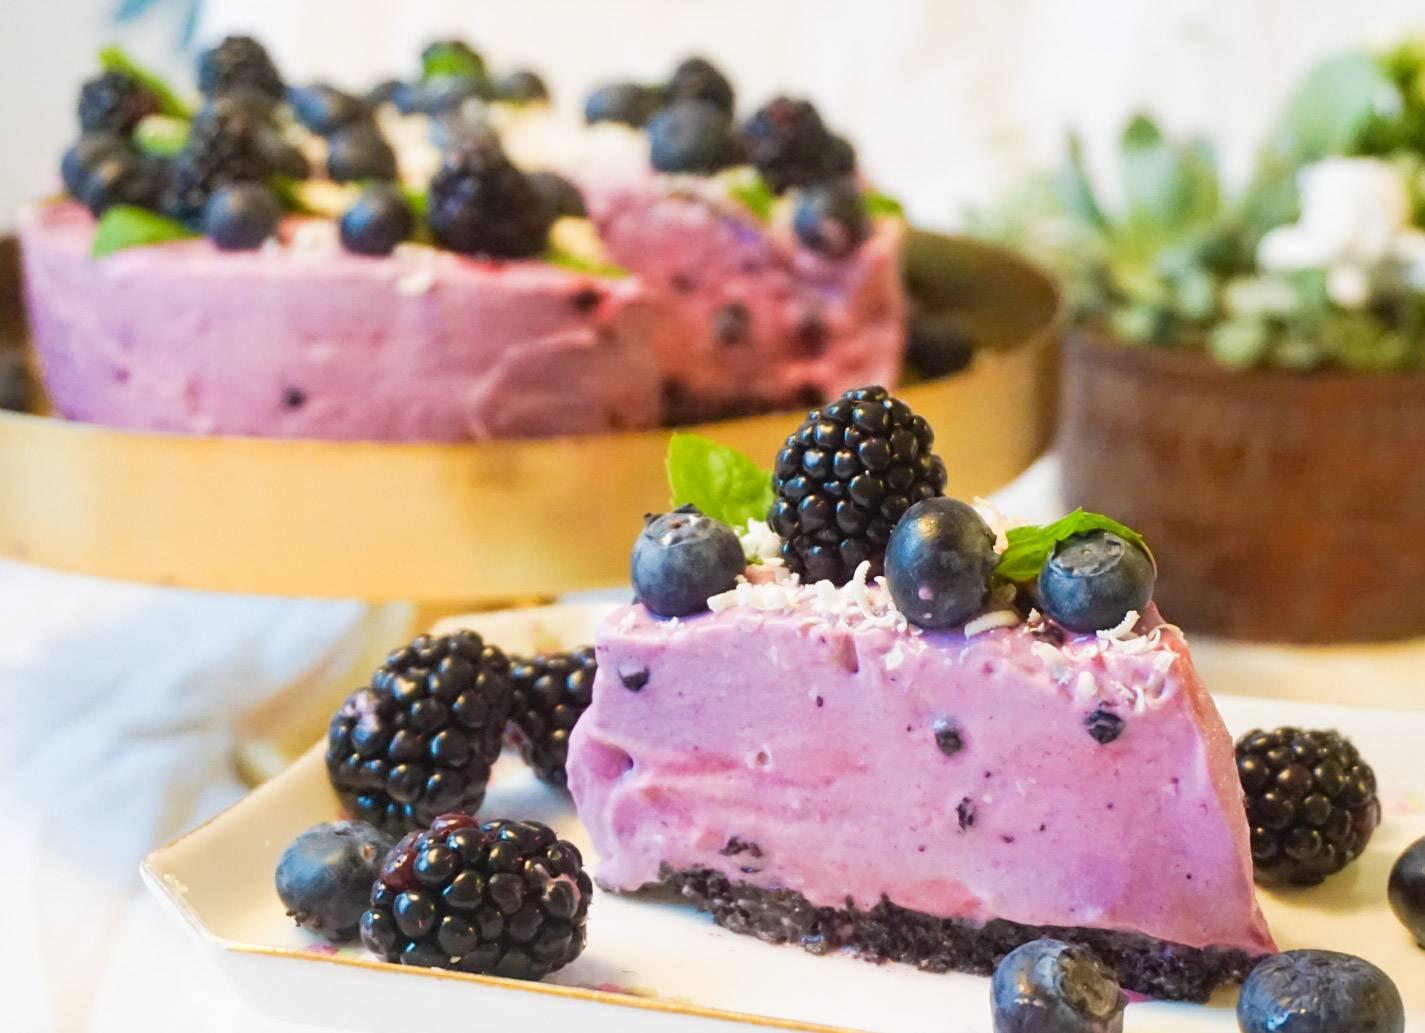 Blåbärscheesecake1